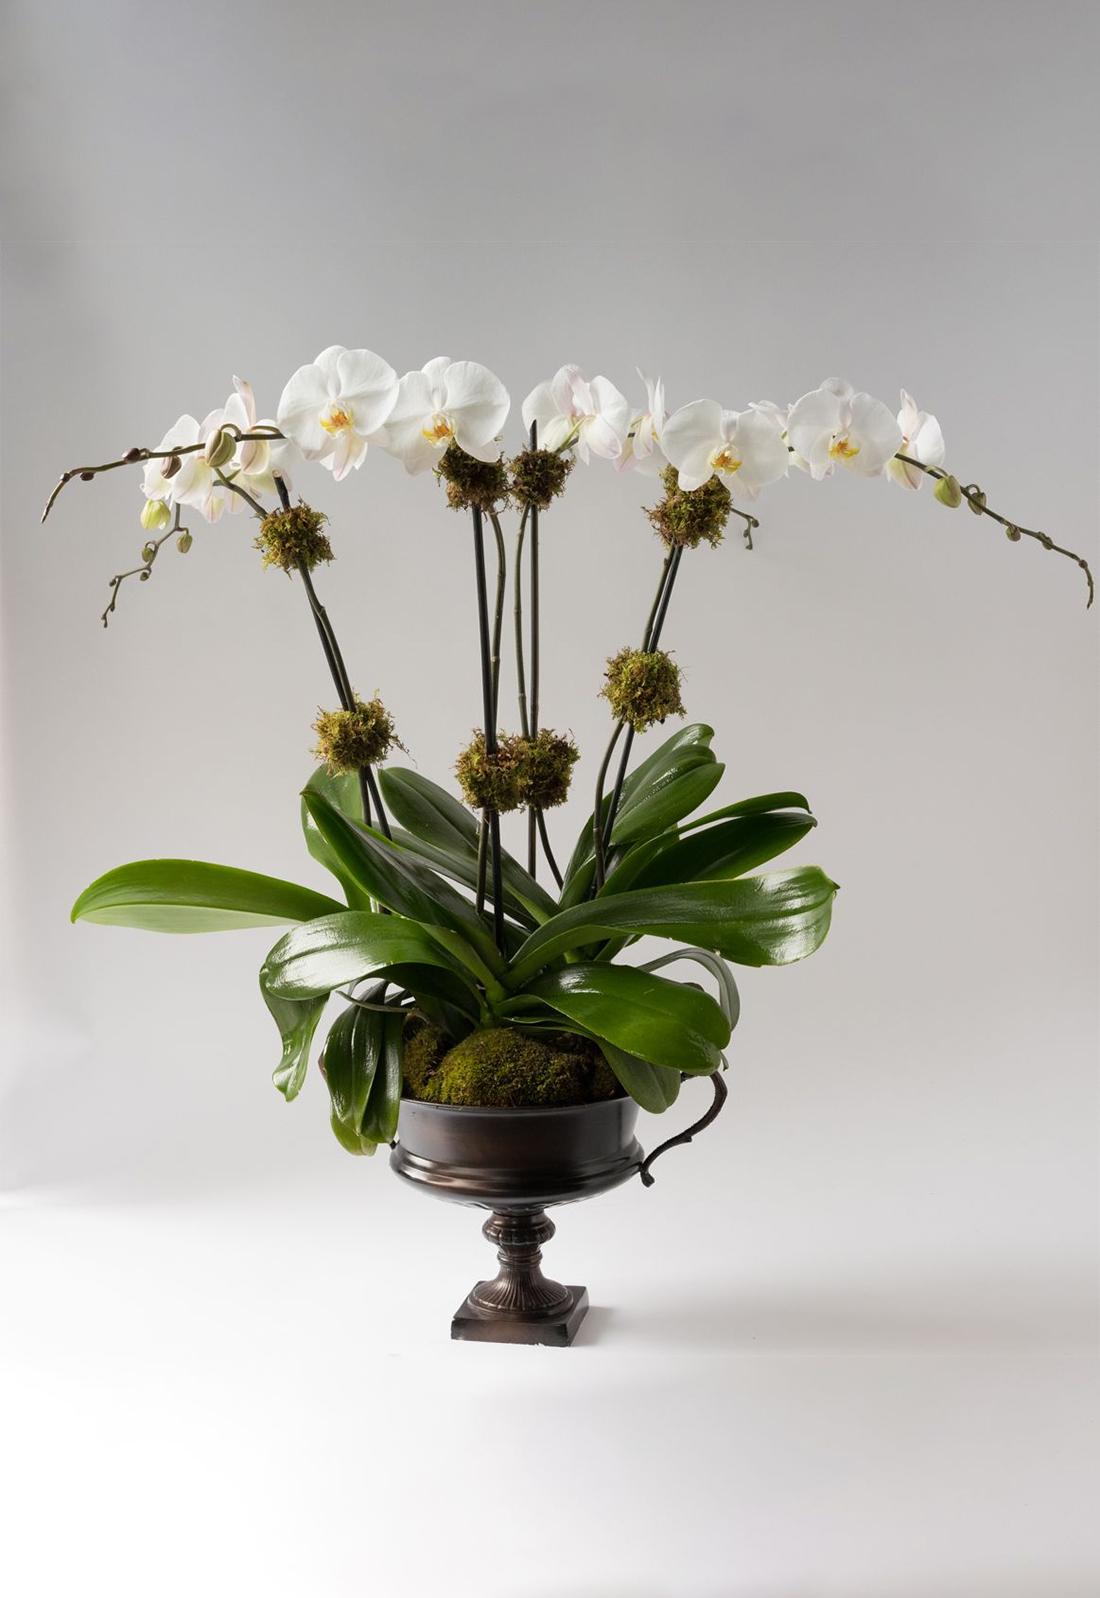 Élan Signature Orchid Arrangement Alternative Image